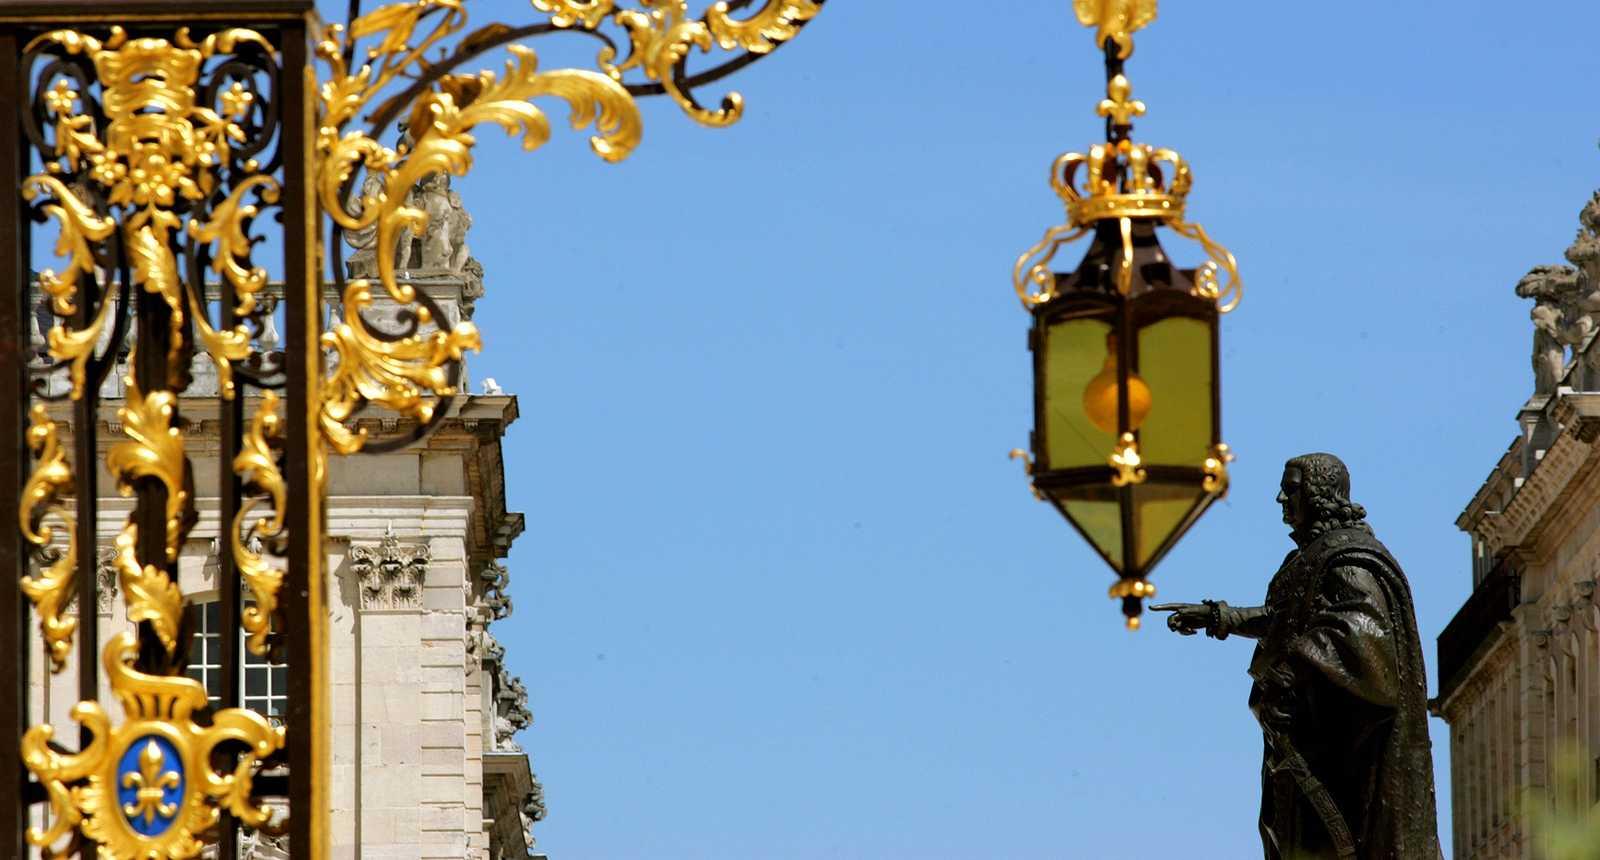 Les grilles dorées et la statue centrale de la Place Stanislas à Nancy